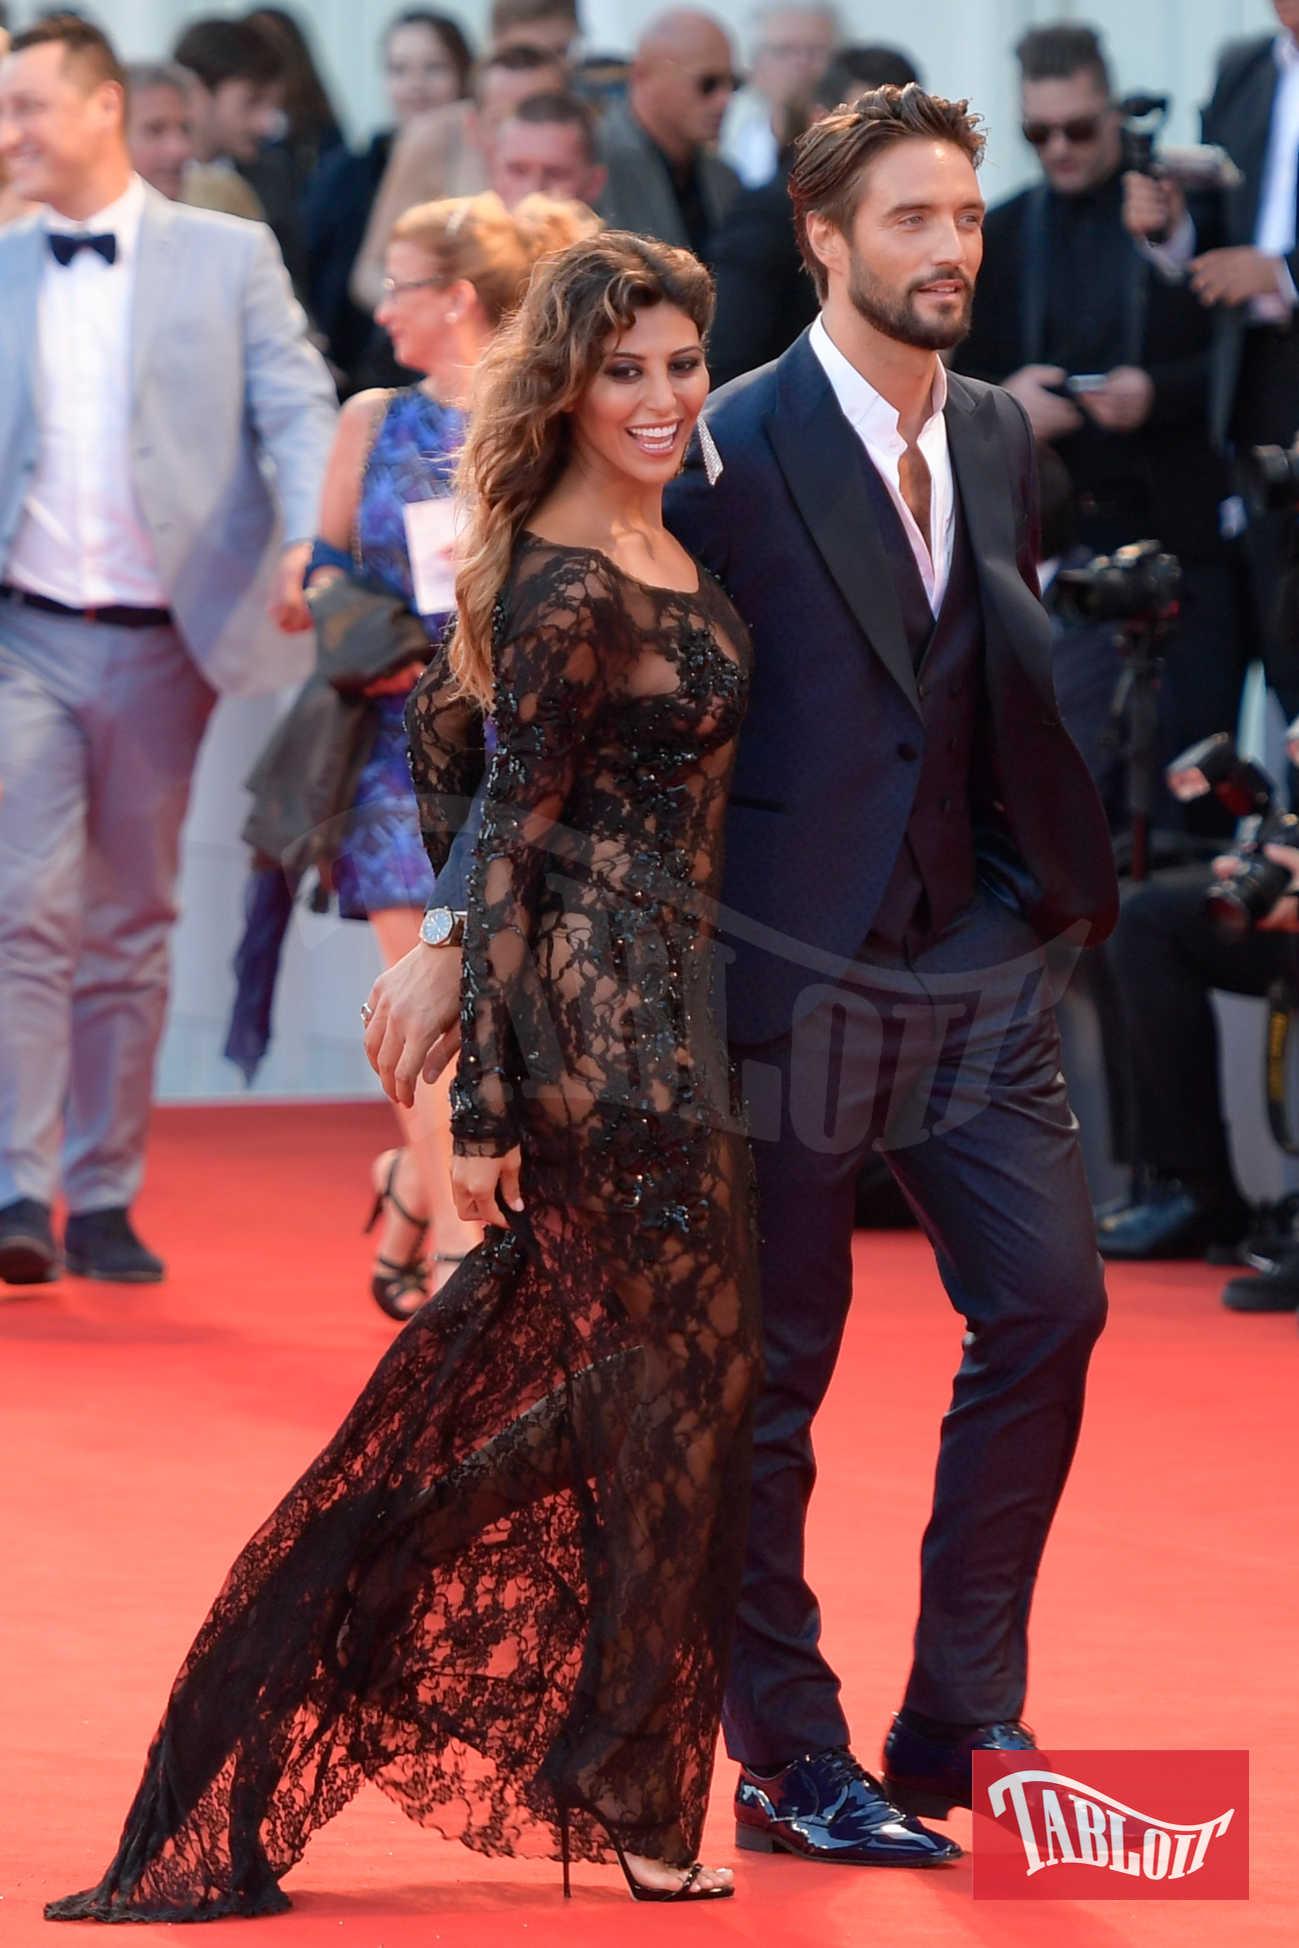 Alex Belli e Mila Suarez a settembre, sul red carpet della Mostra del Cinema di Venezia. L'ex tentatrice si è fatta notare per un abito in pizzo he ha lasciato ben poco all'immaginazione